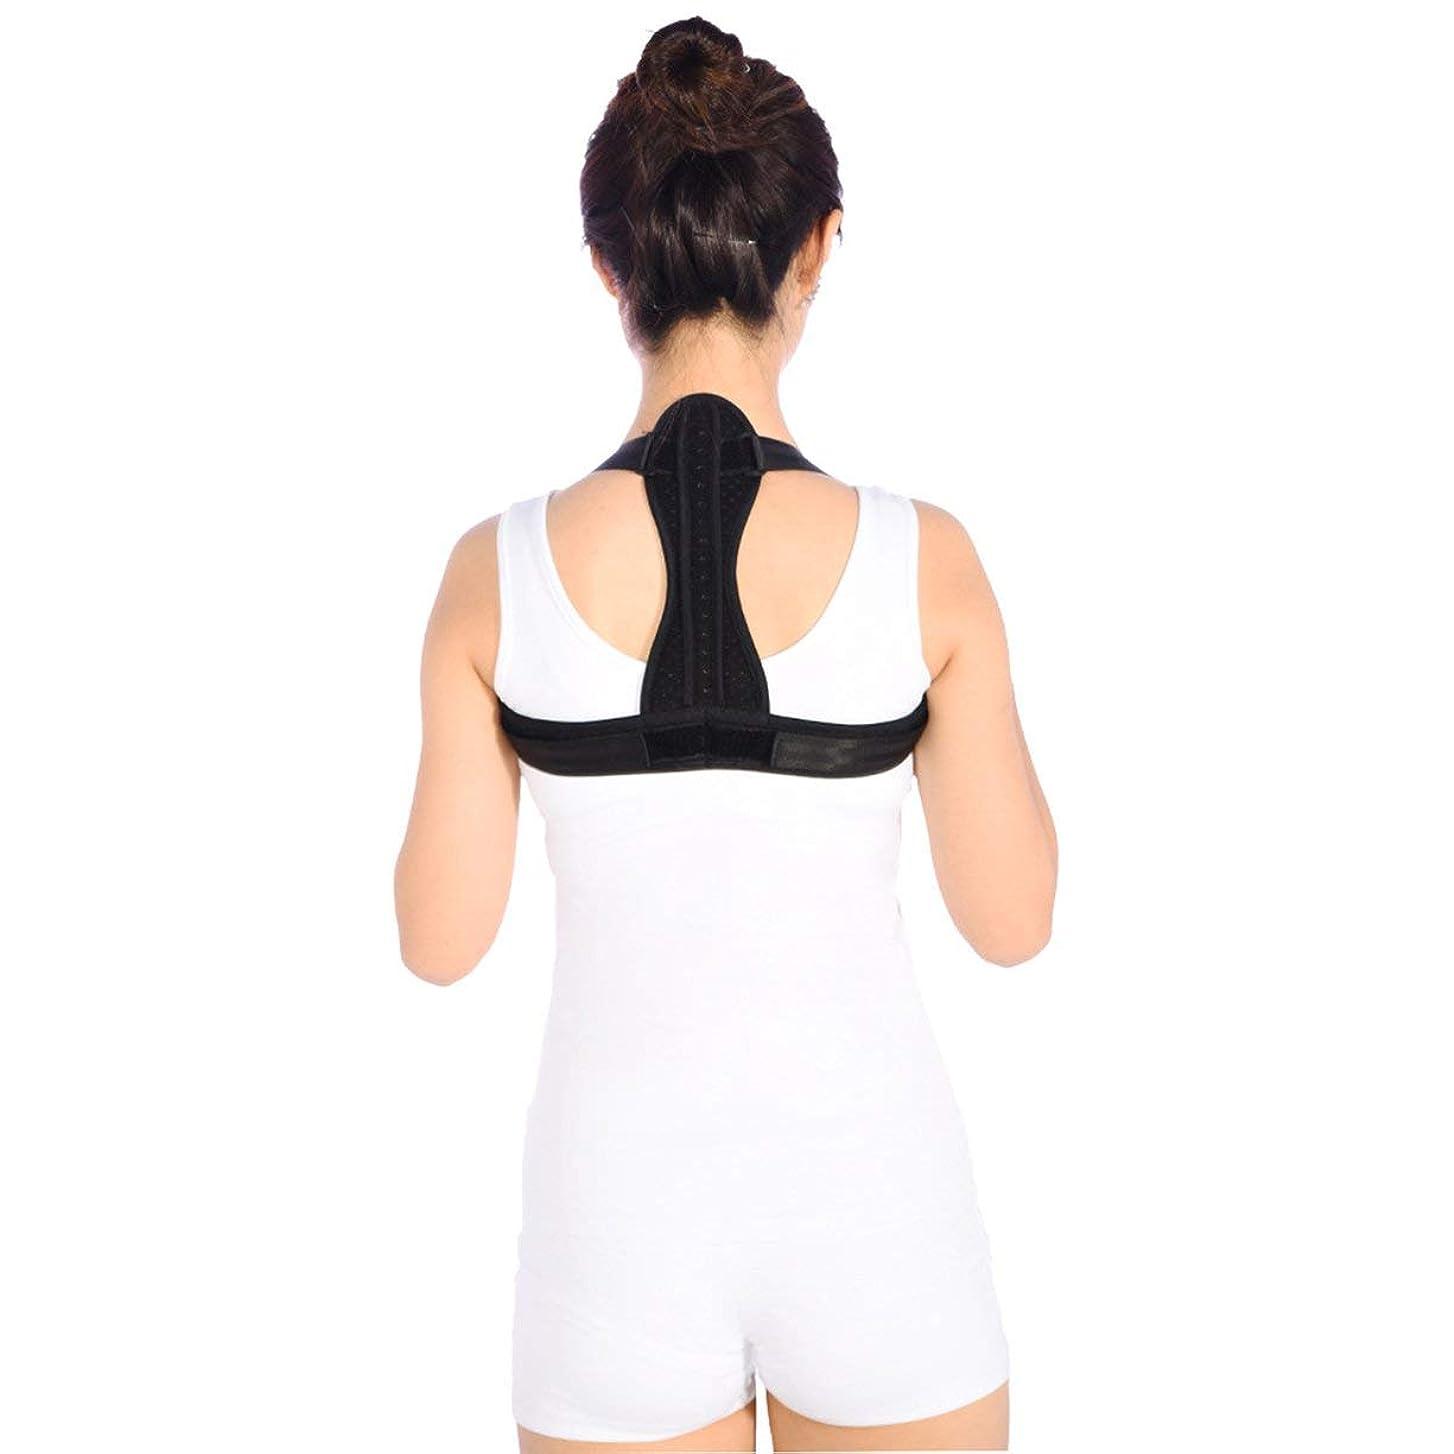 硬い試す声を出して通気性の脊柱側弯症ザトウクジラ補正ベルト調節可能な快適さ目に見えないベルト男性女性大人学生子供 - 黒